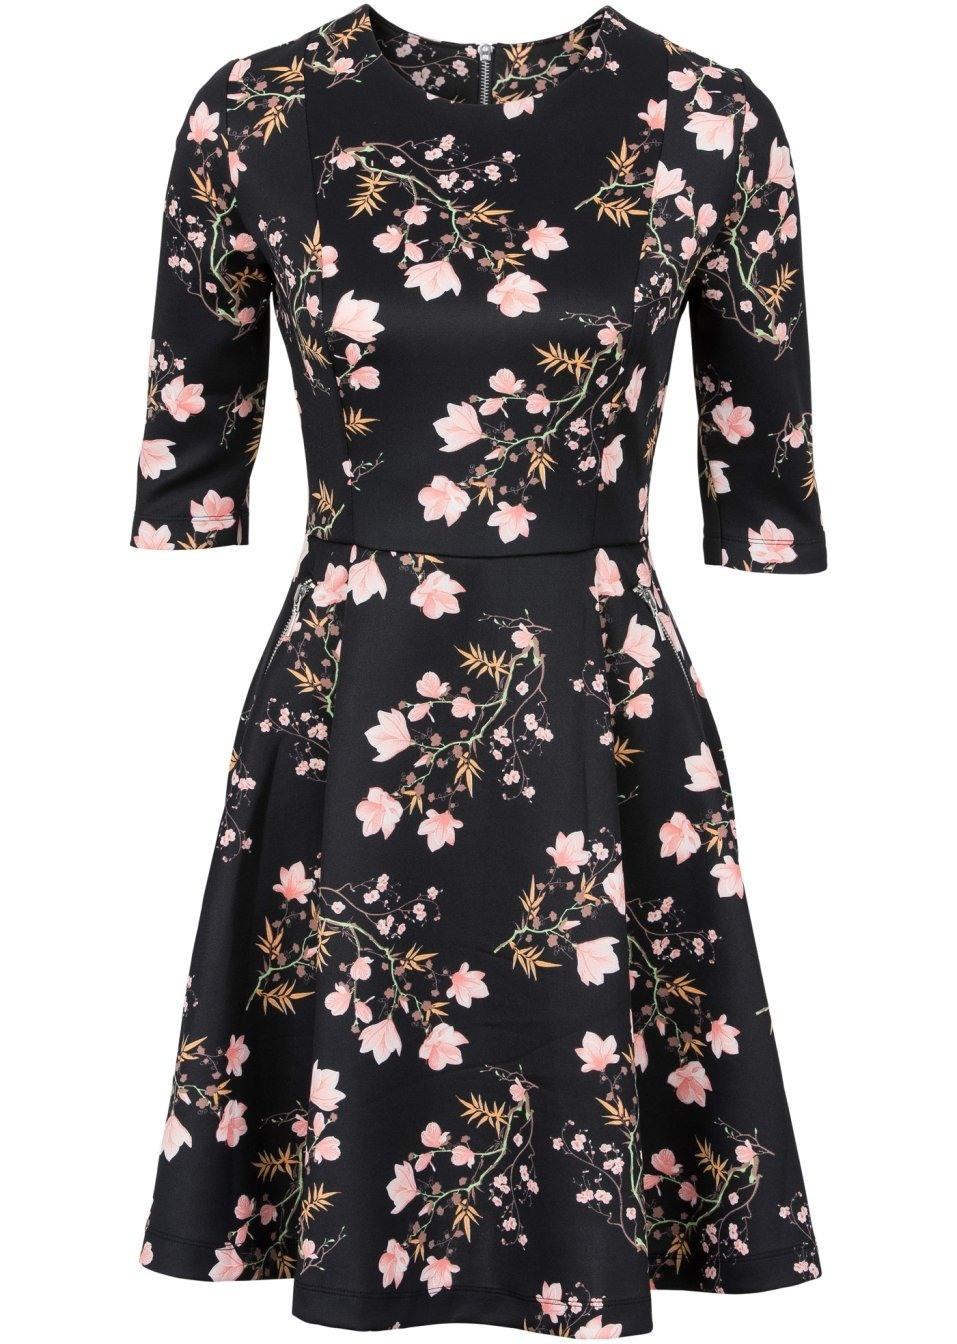 17 Erstaunlich Schwarzes Kleid Mit Roten Blumen Design17 Schön Schwarzes Kleid Mit Roten Blumen Ärmel